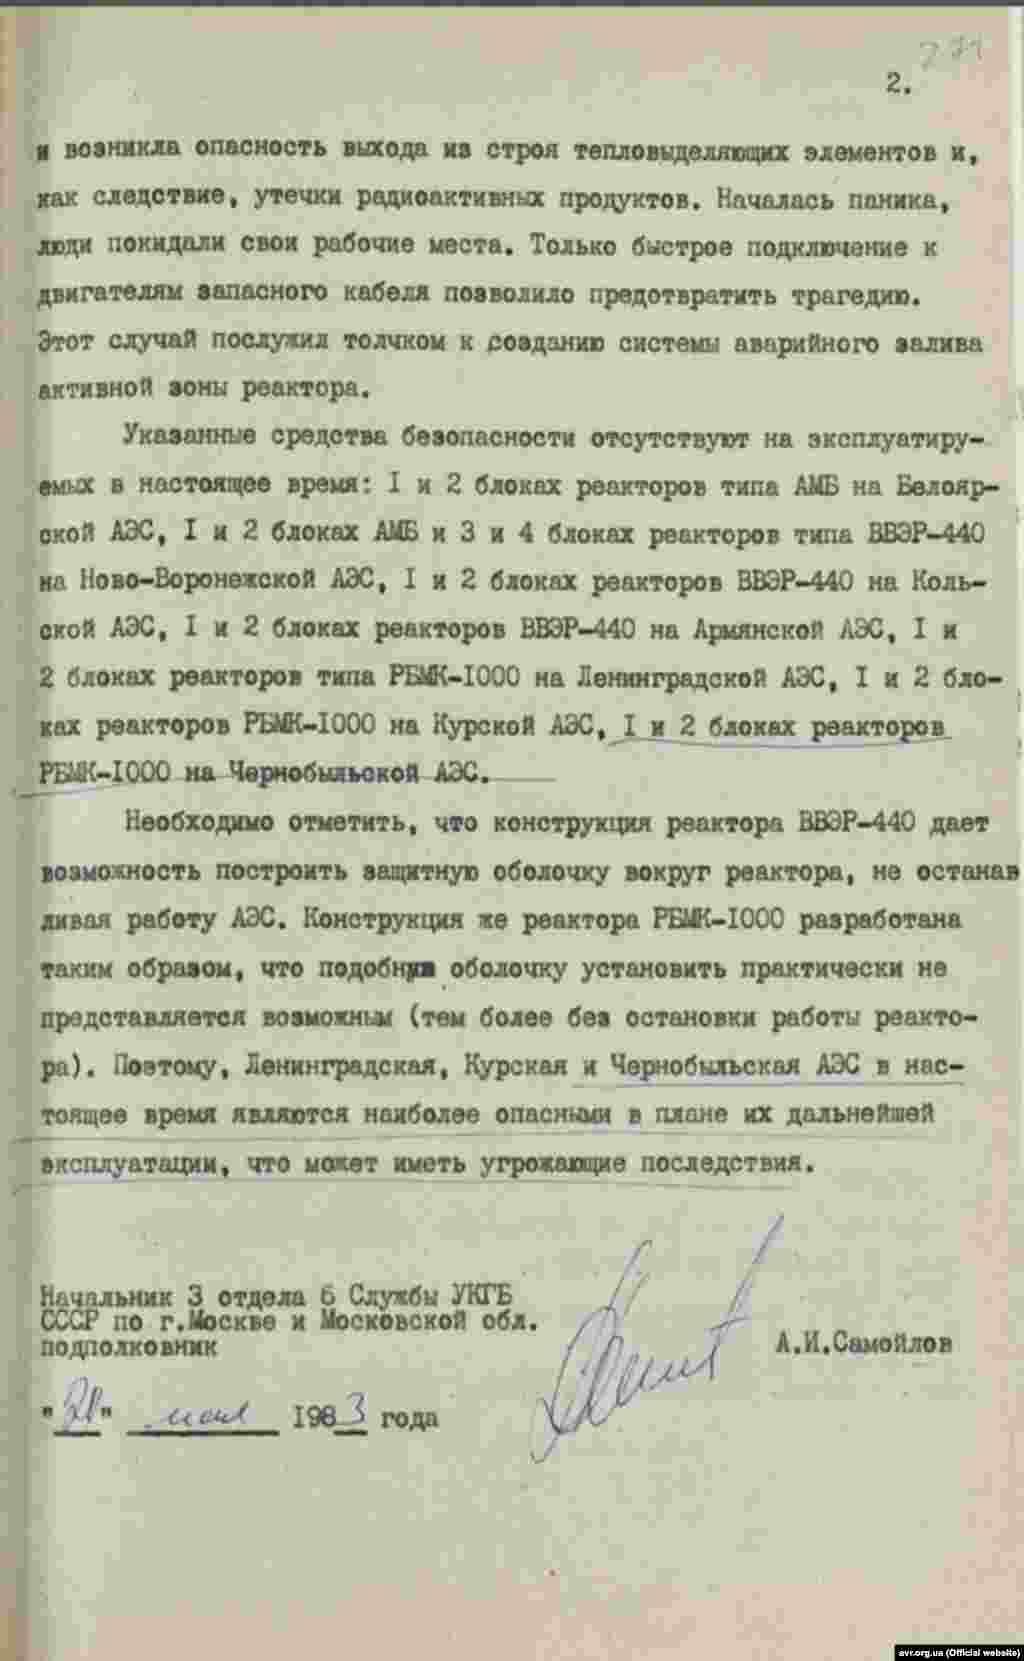 «Довідка про певні проблеми в експлуатації атомних електростанцій в СРСР» Самойлов А.І.